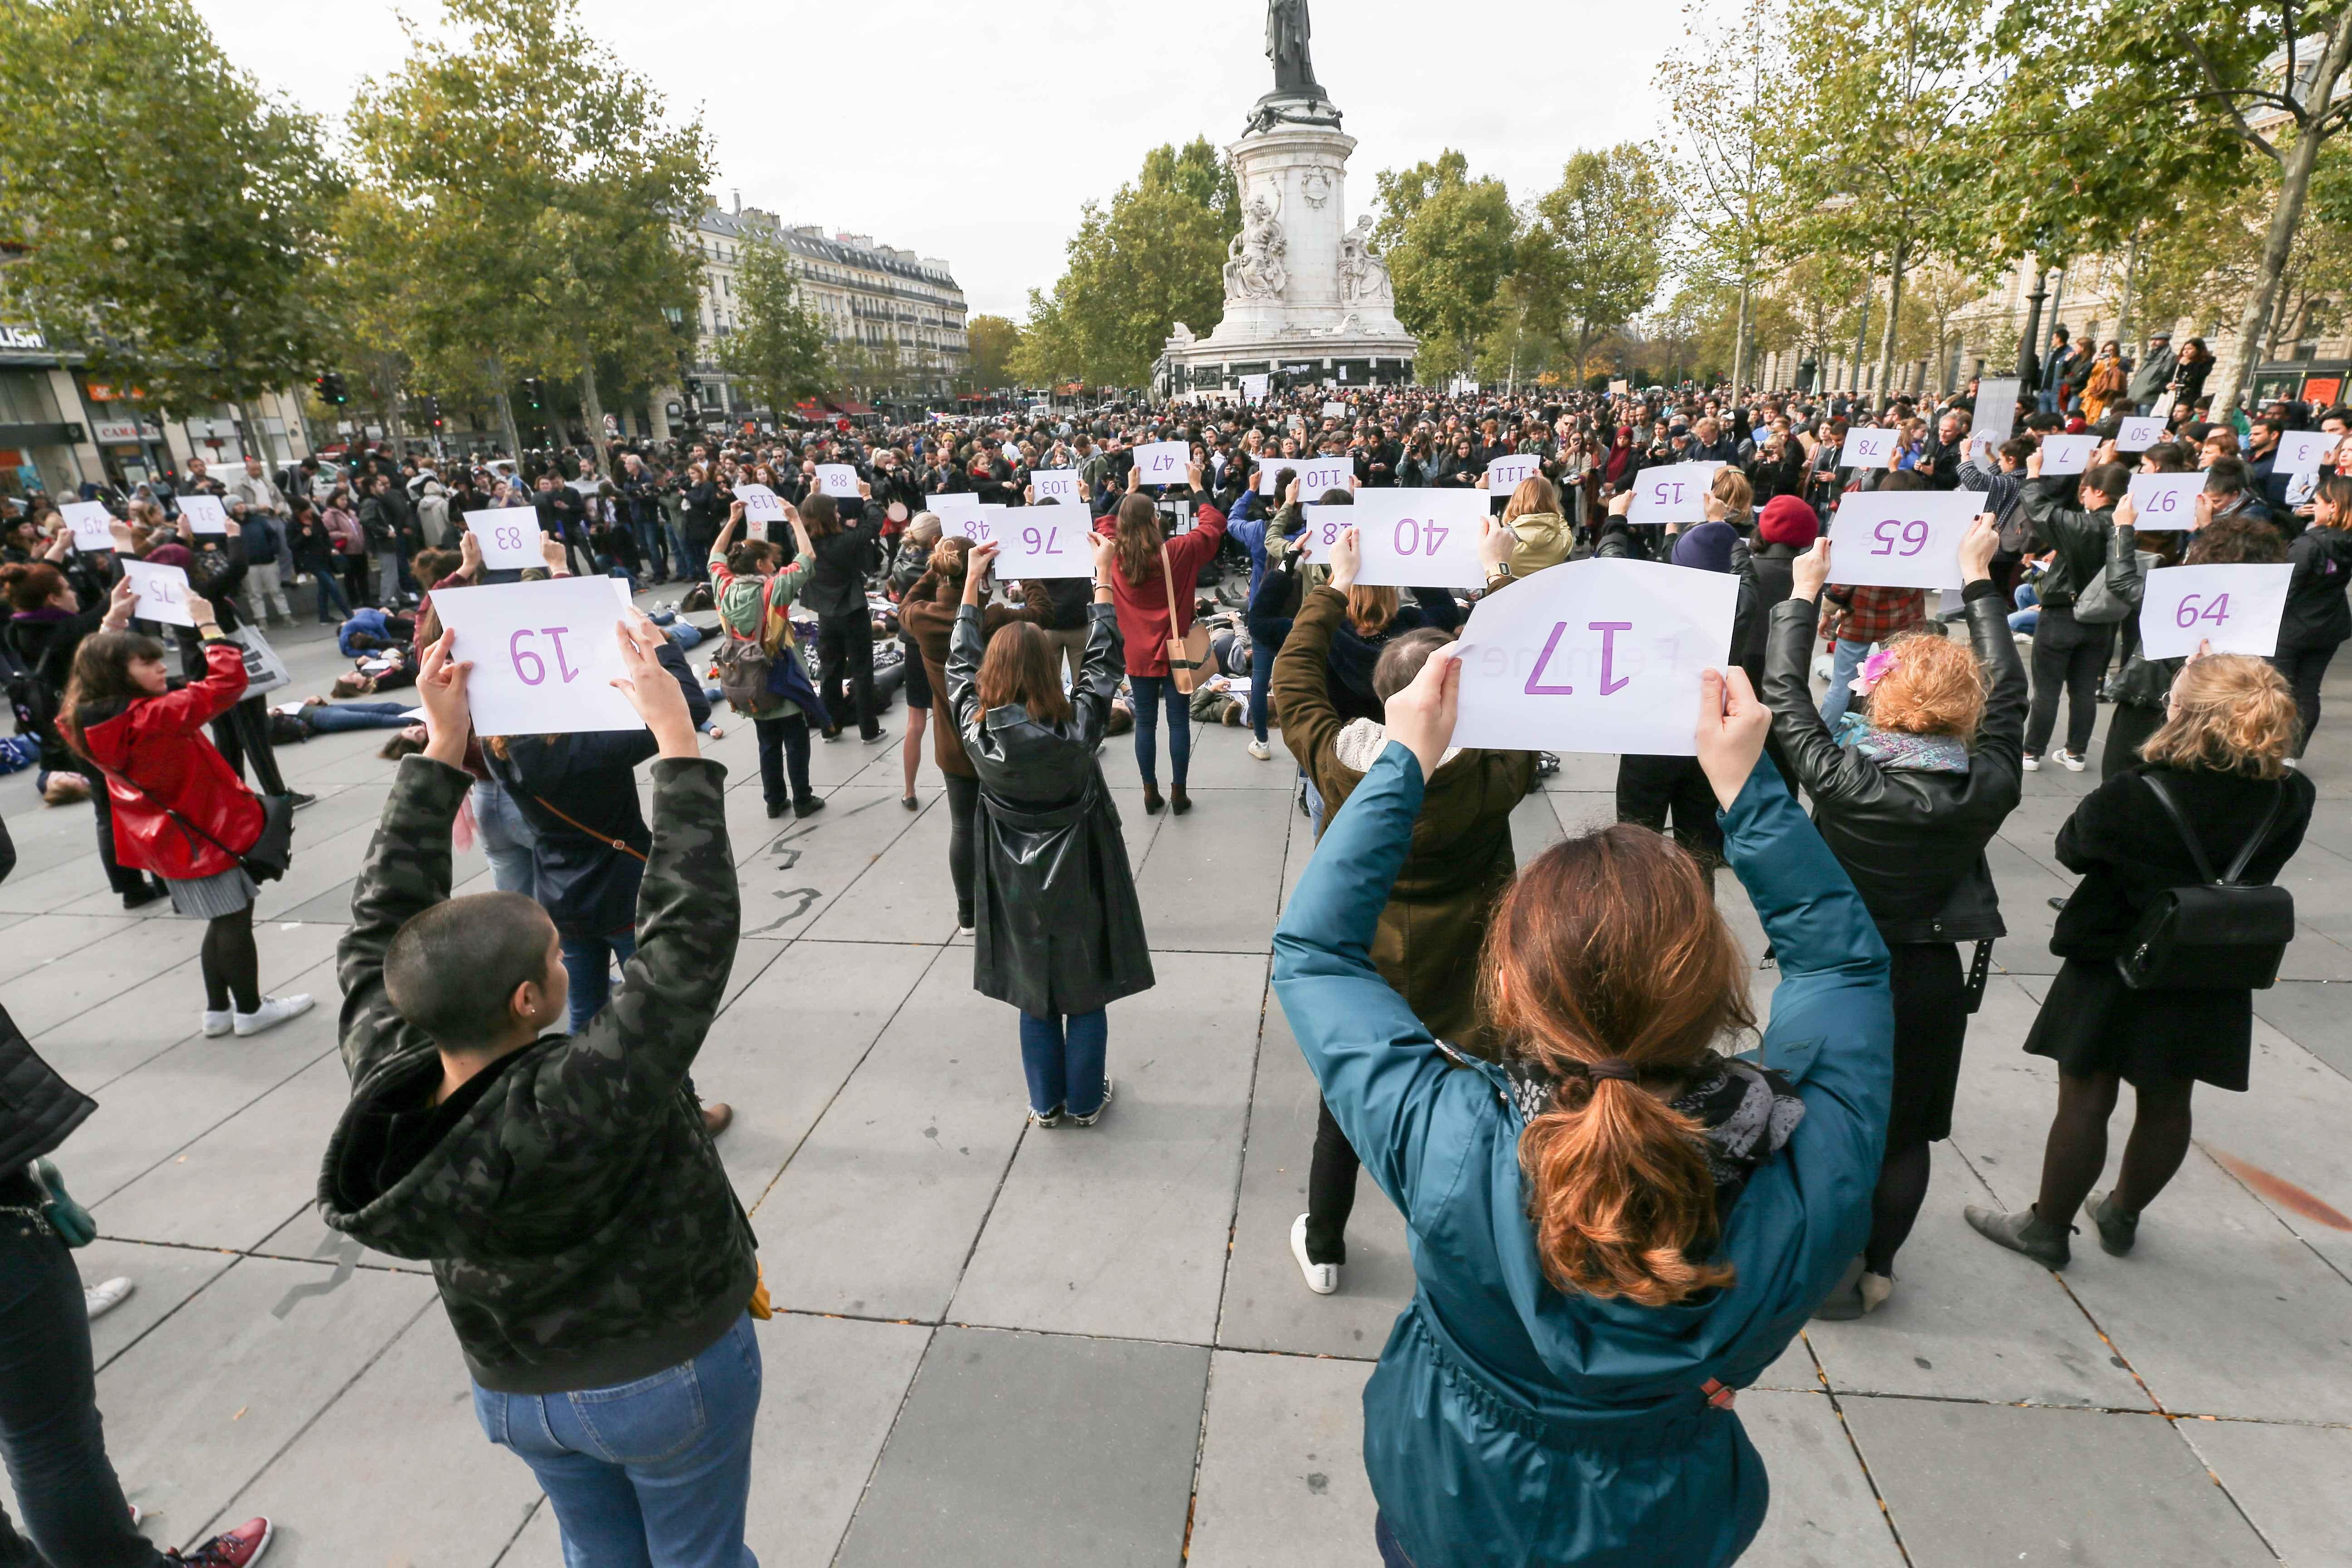 Des femmes tiennent des pancartes portant les noms de victimes de féminicide. © Michel Stoupak. Sam 19.10.2019, 15:08:46.